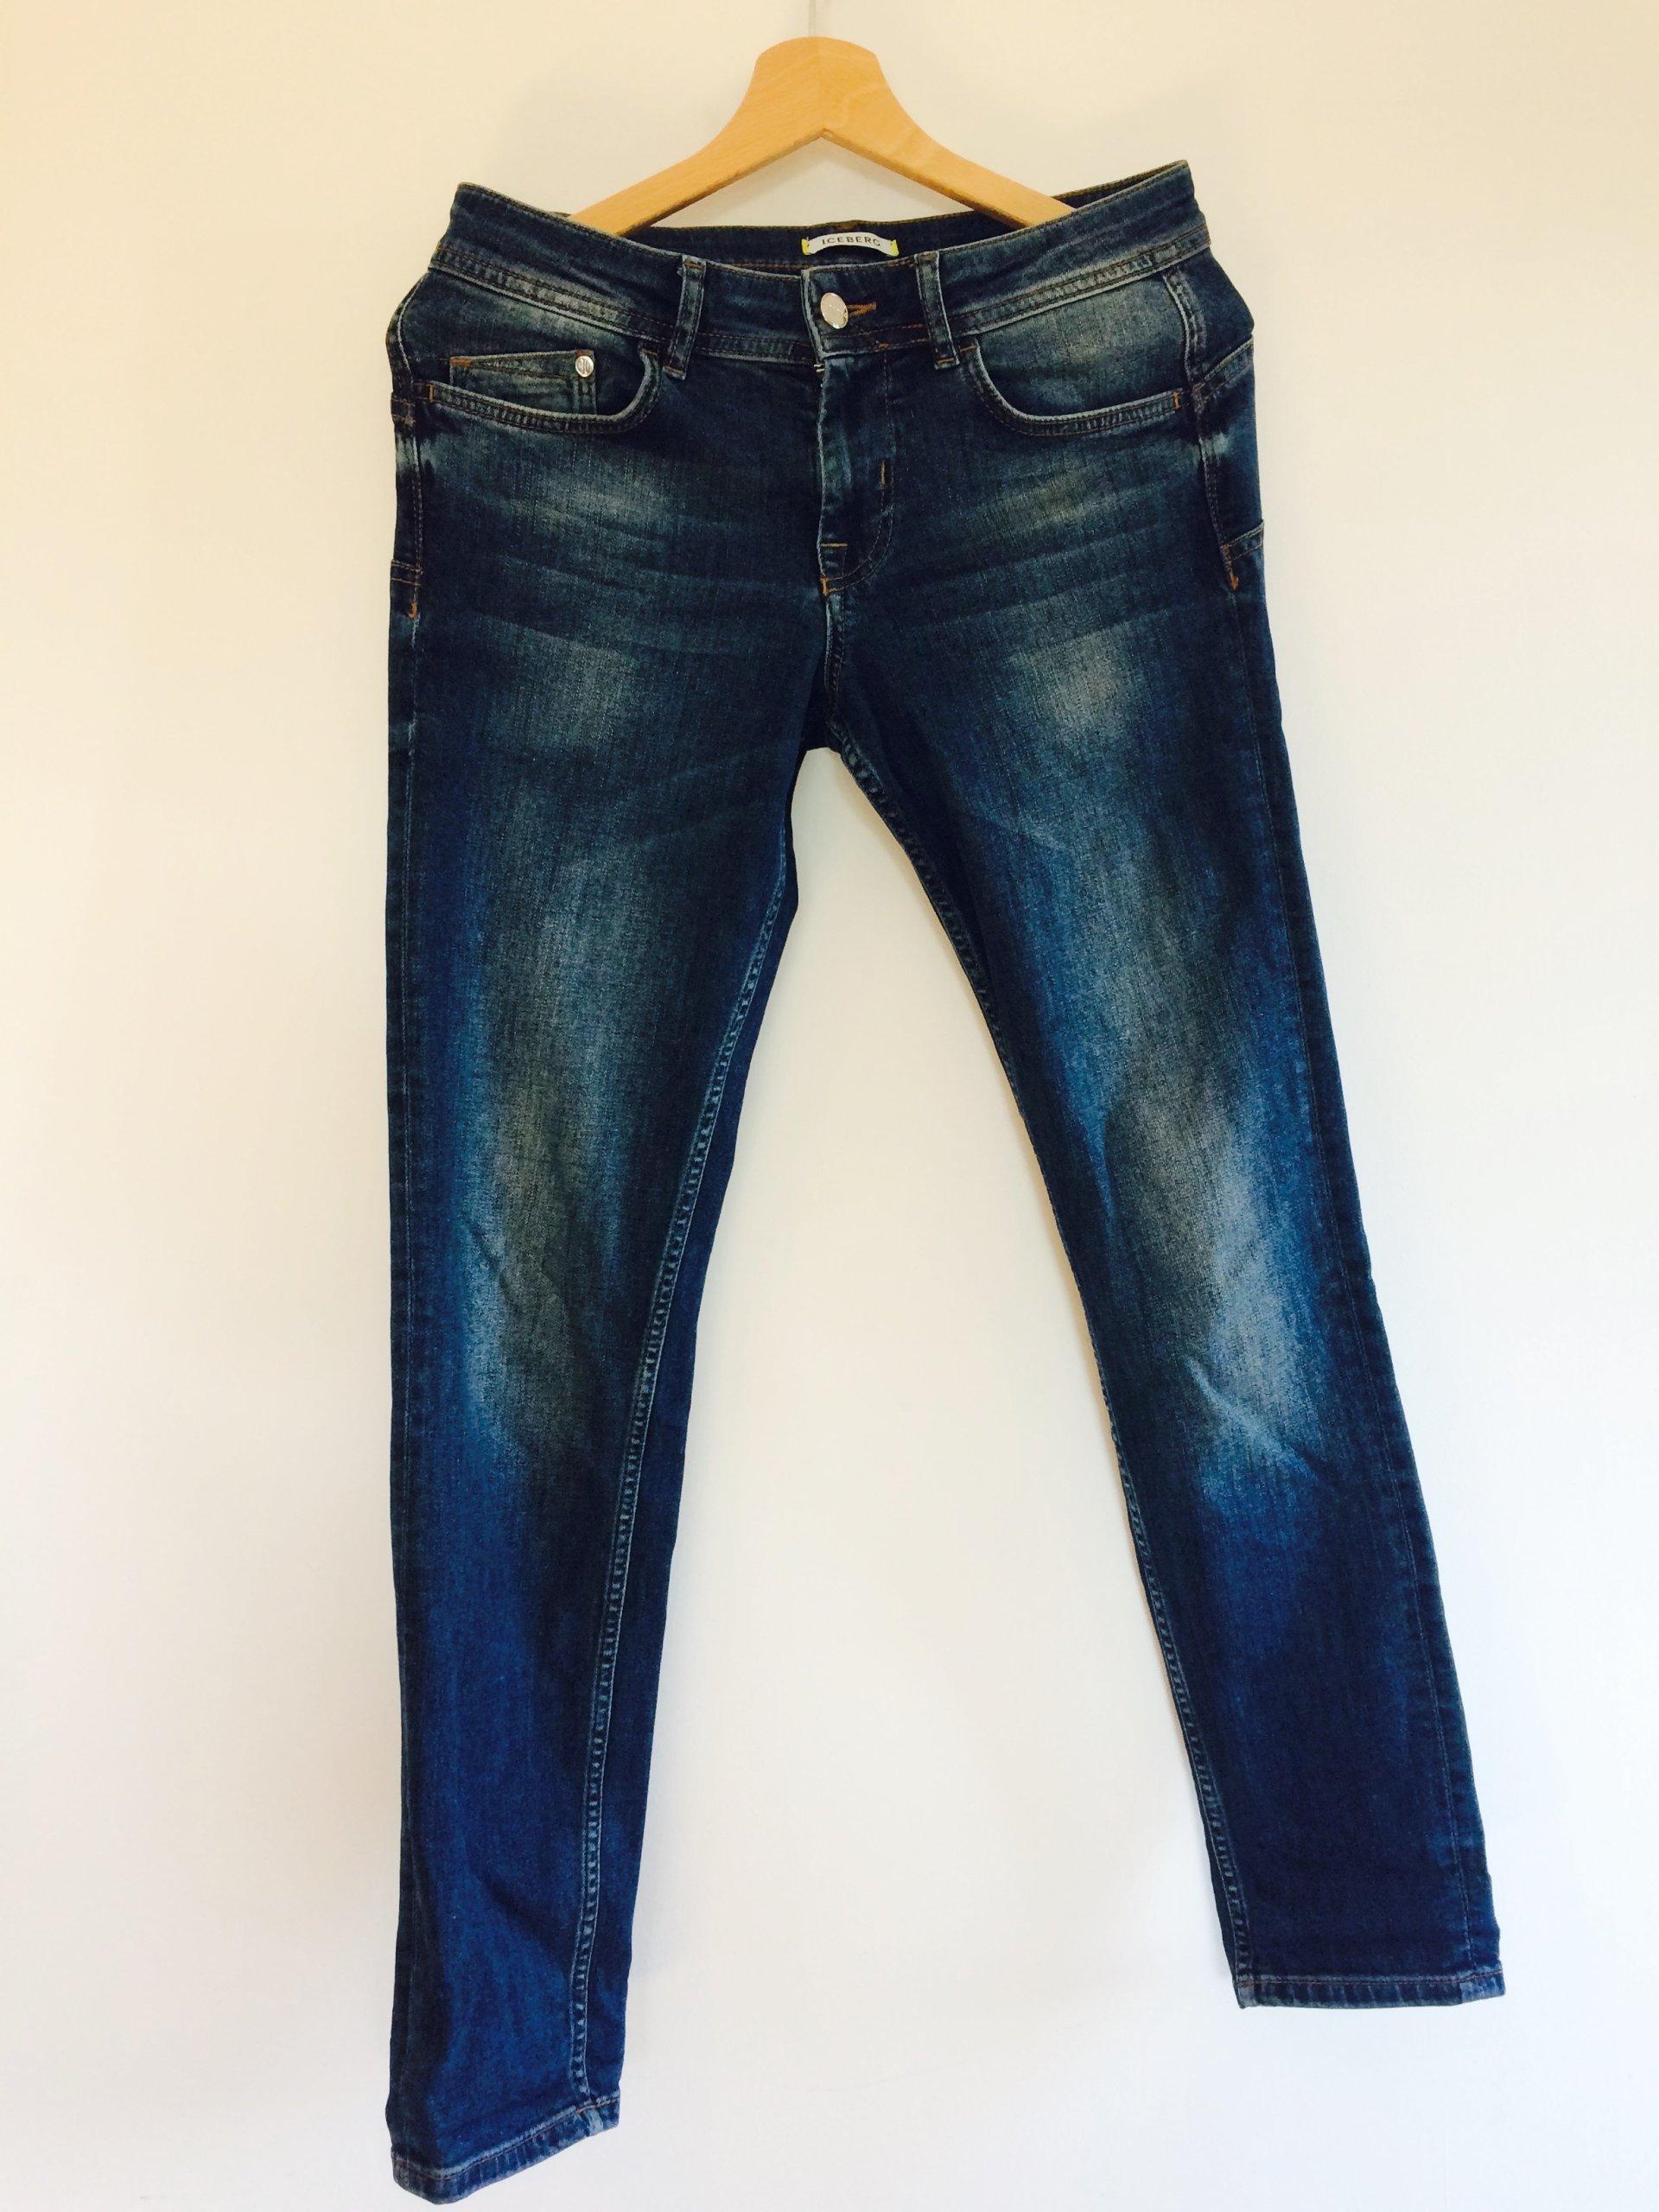 b760219046d6 Spodnie damskie markowe jeans ICEBERG - 7638973180 - oficjalne ...